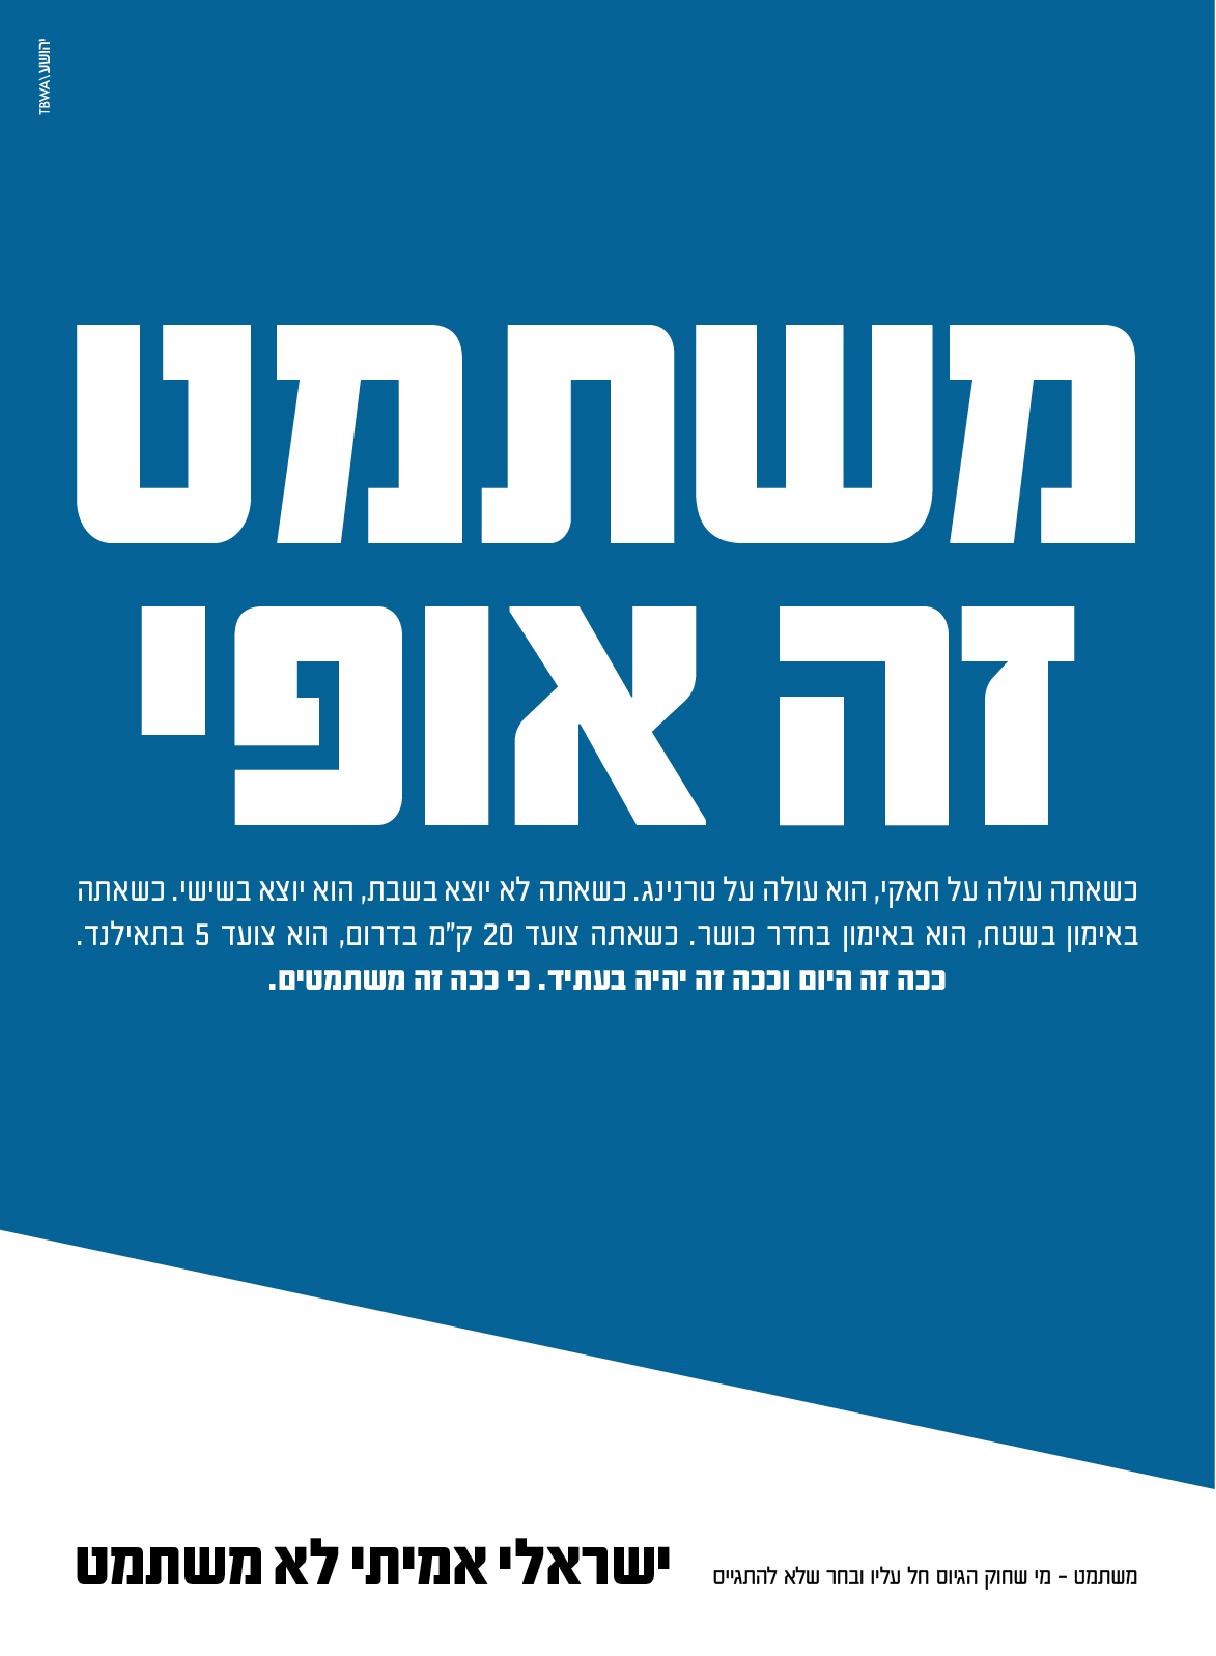 משתמט זה אופי - ישראלי אמיתי לא משתמט